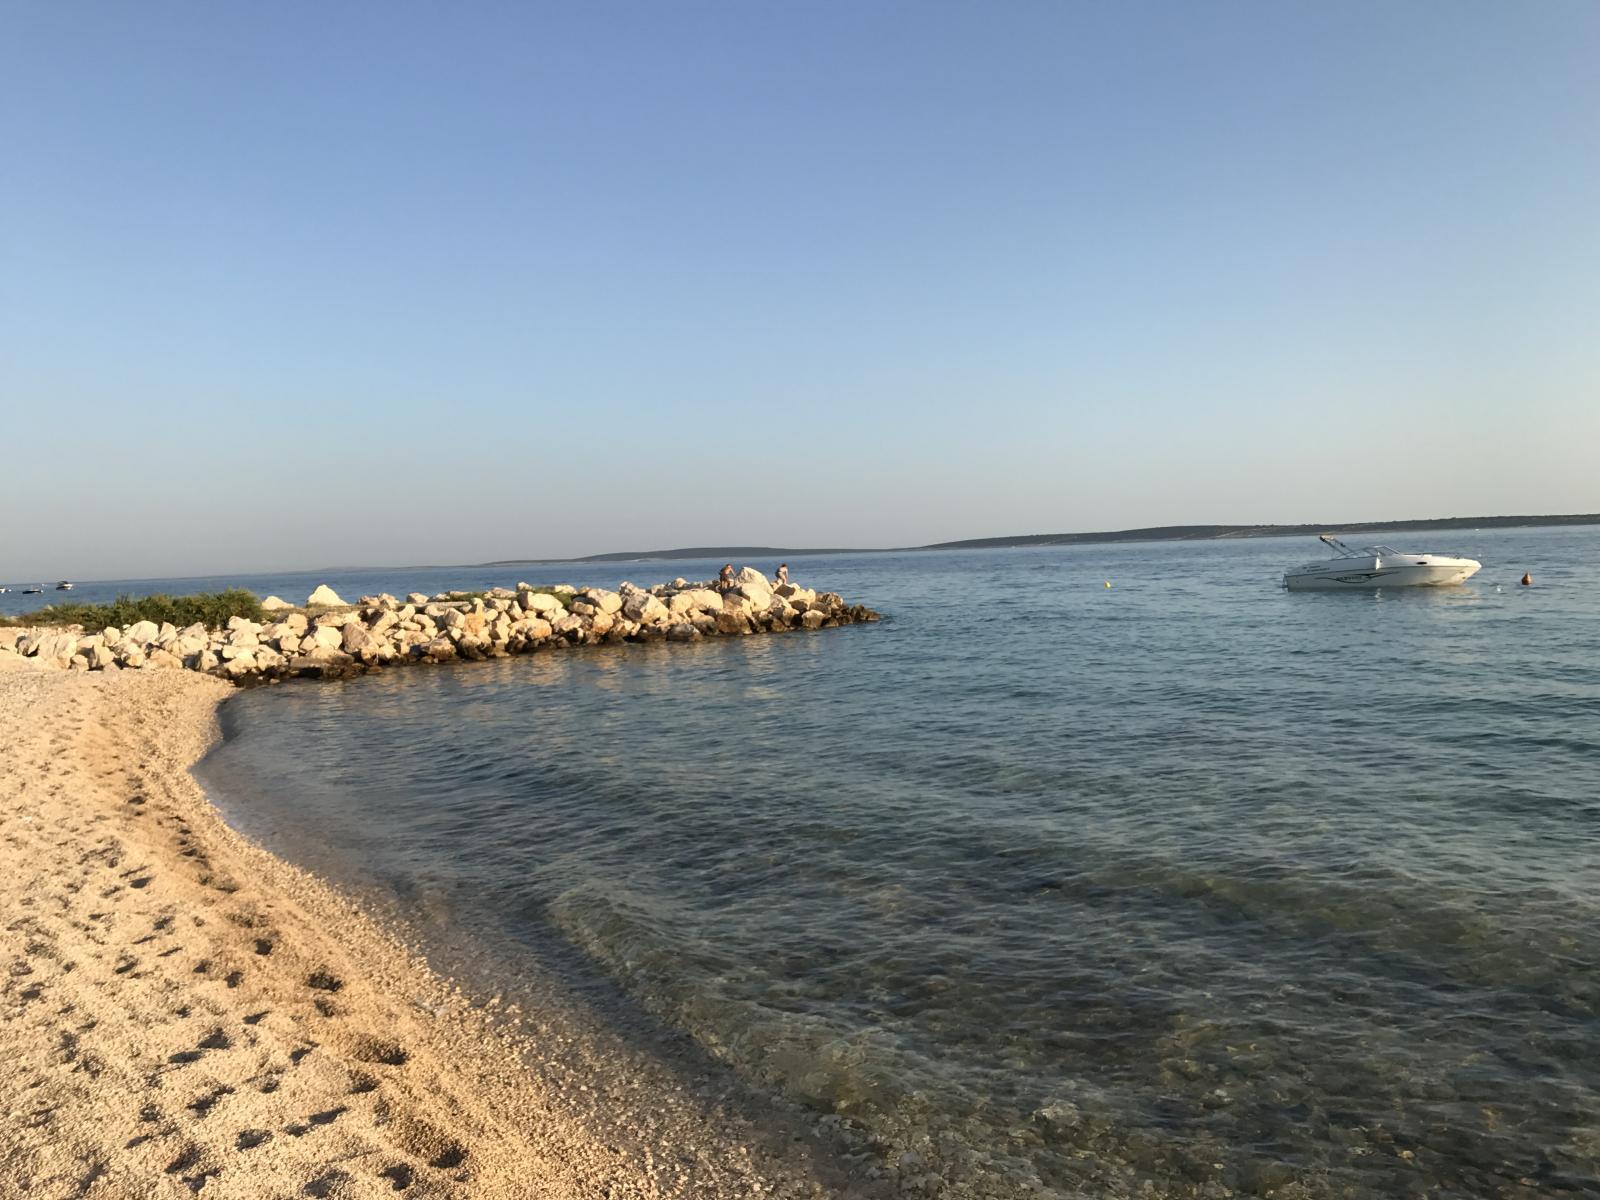 Urlaub in Mandre auf der Insel Pag - 10m zum Strand - mit